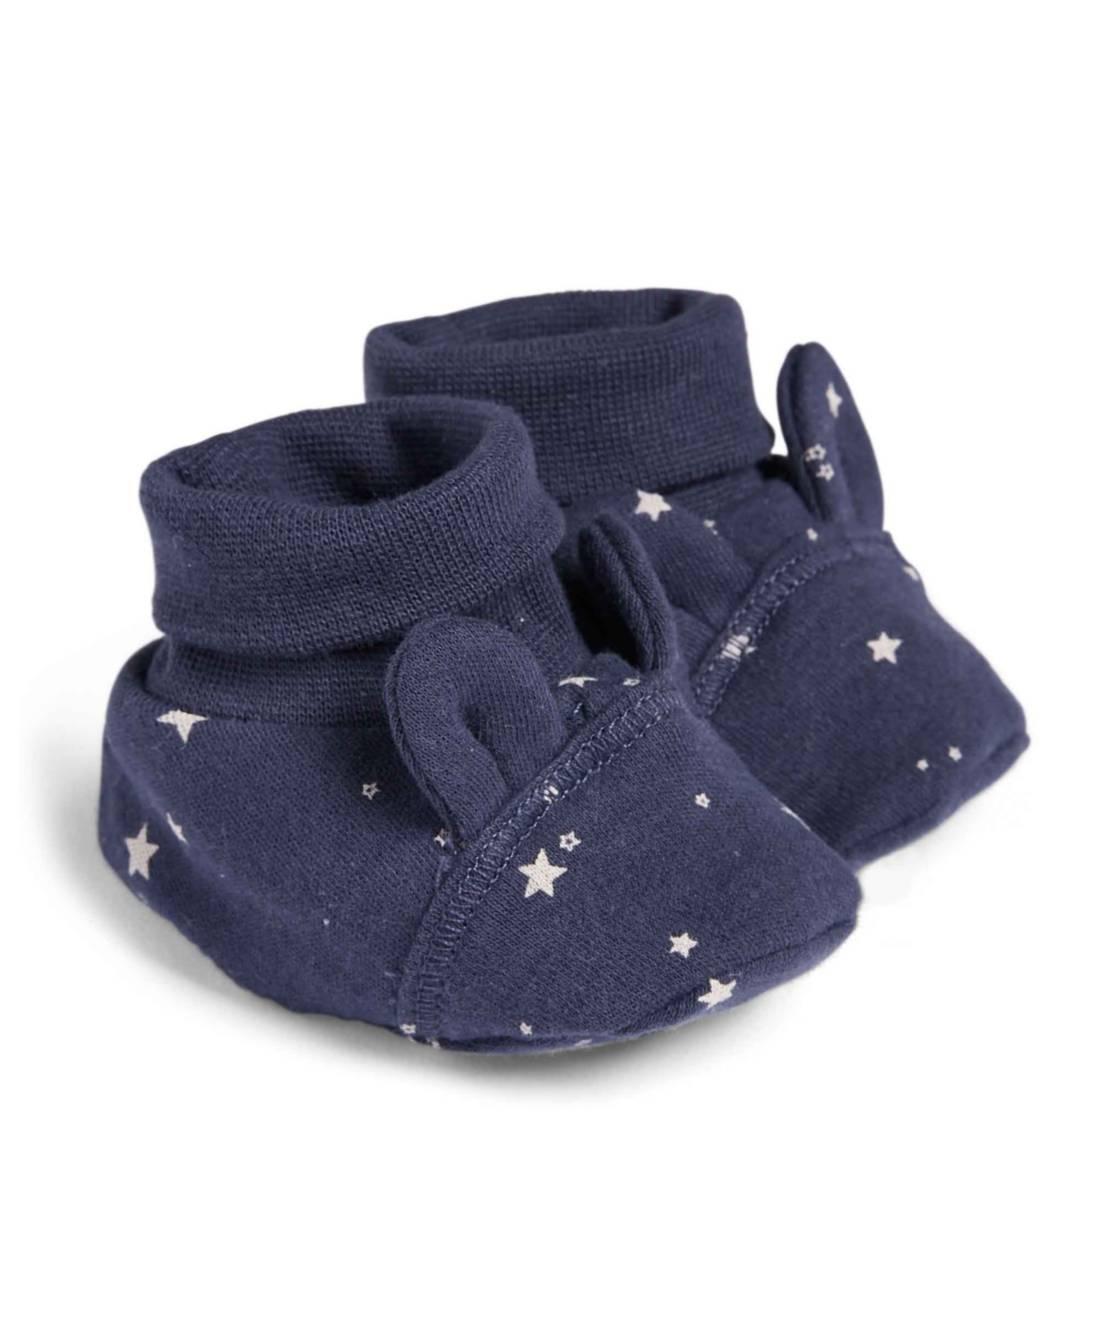 Mamas&Papas STAR BOOTEES NB Blue Newborn - Mamas&Papas